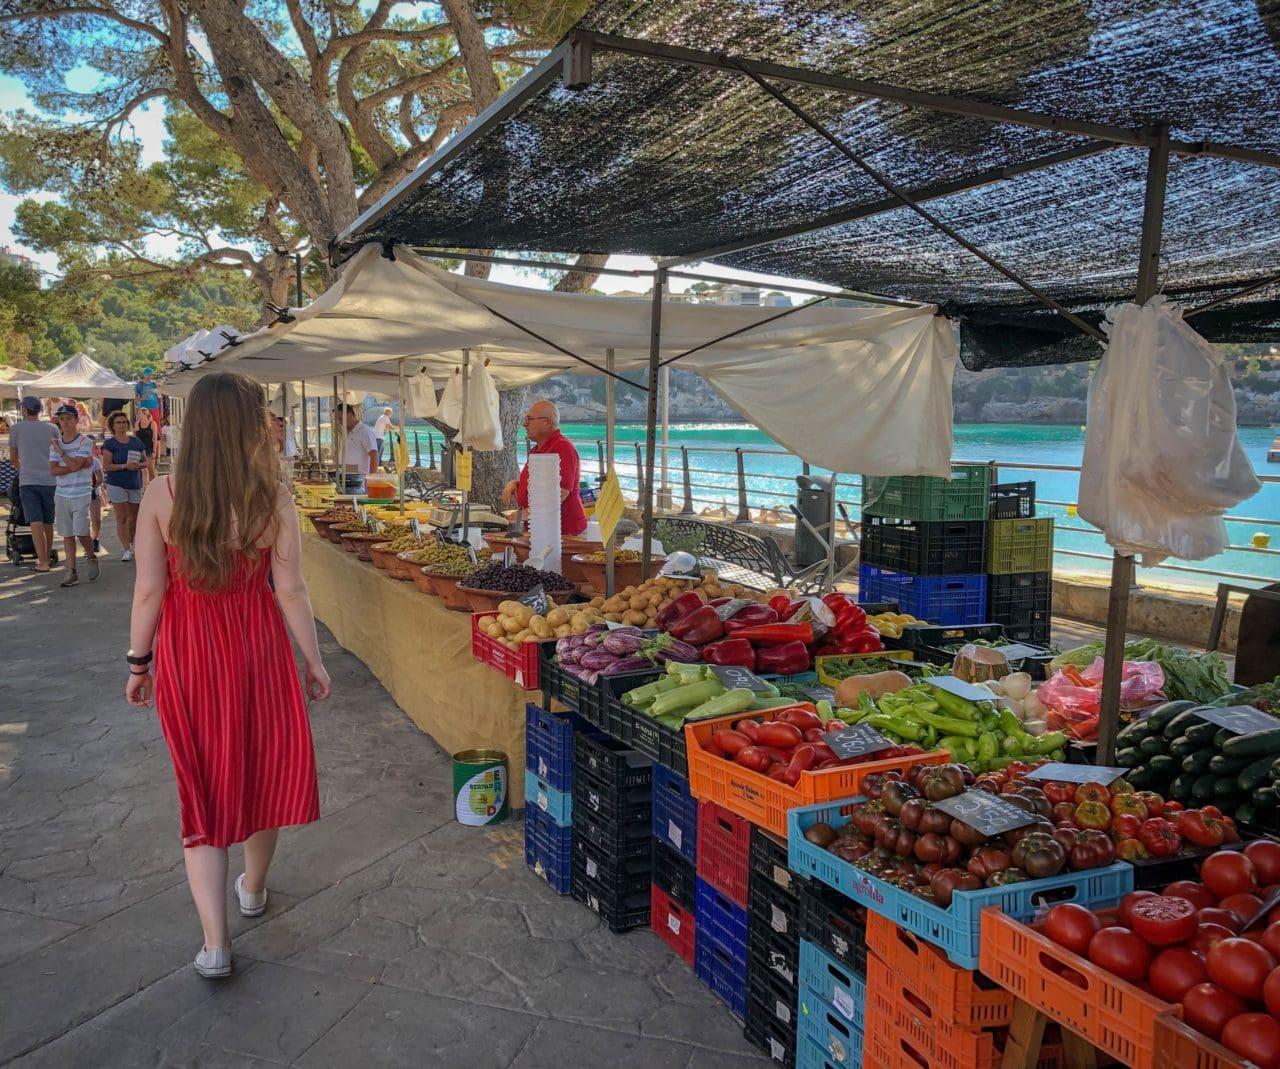 mercados de agricultores: compre alimentos orgánicos baratos